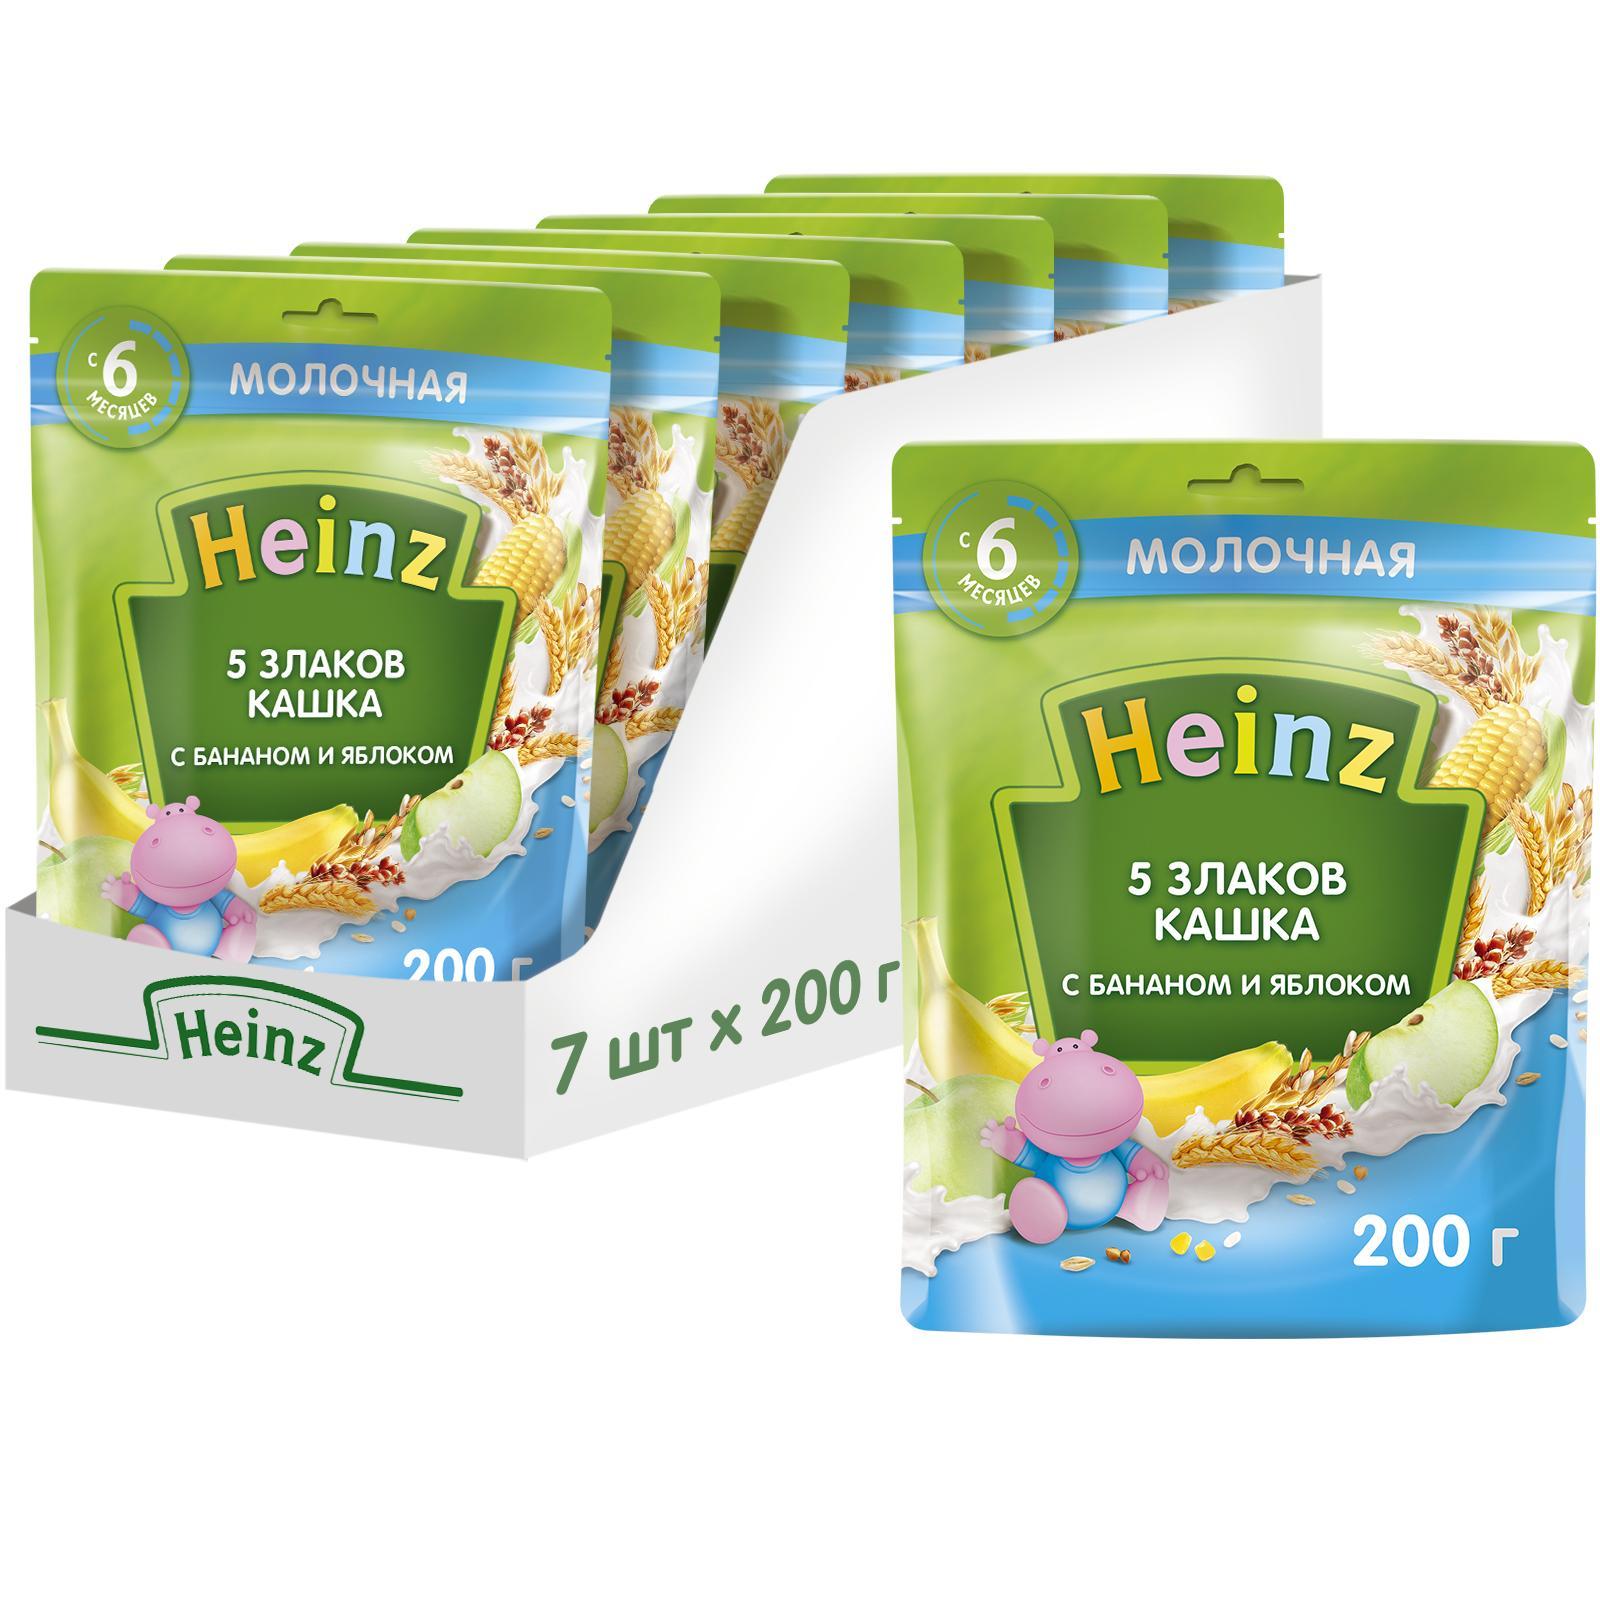 Купить Каша молочная Heinz 5 злаков с бананом и яблоком с 6 мес. 200 г, 7 шт.,